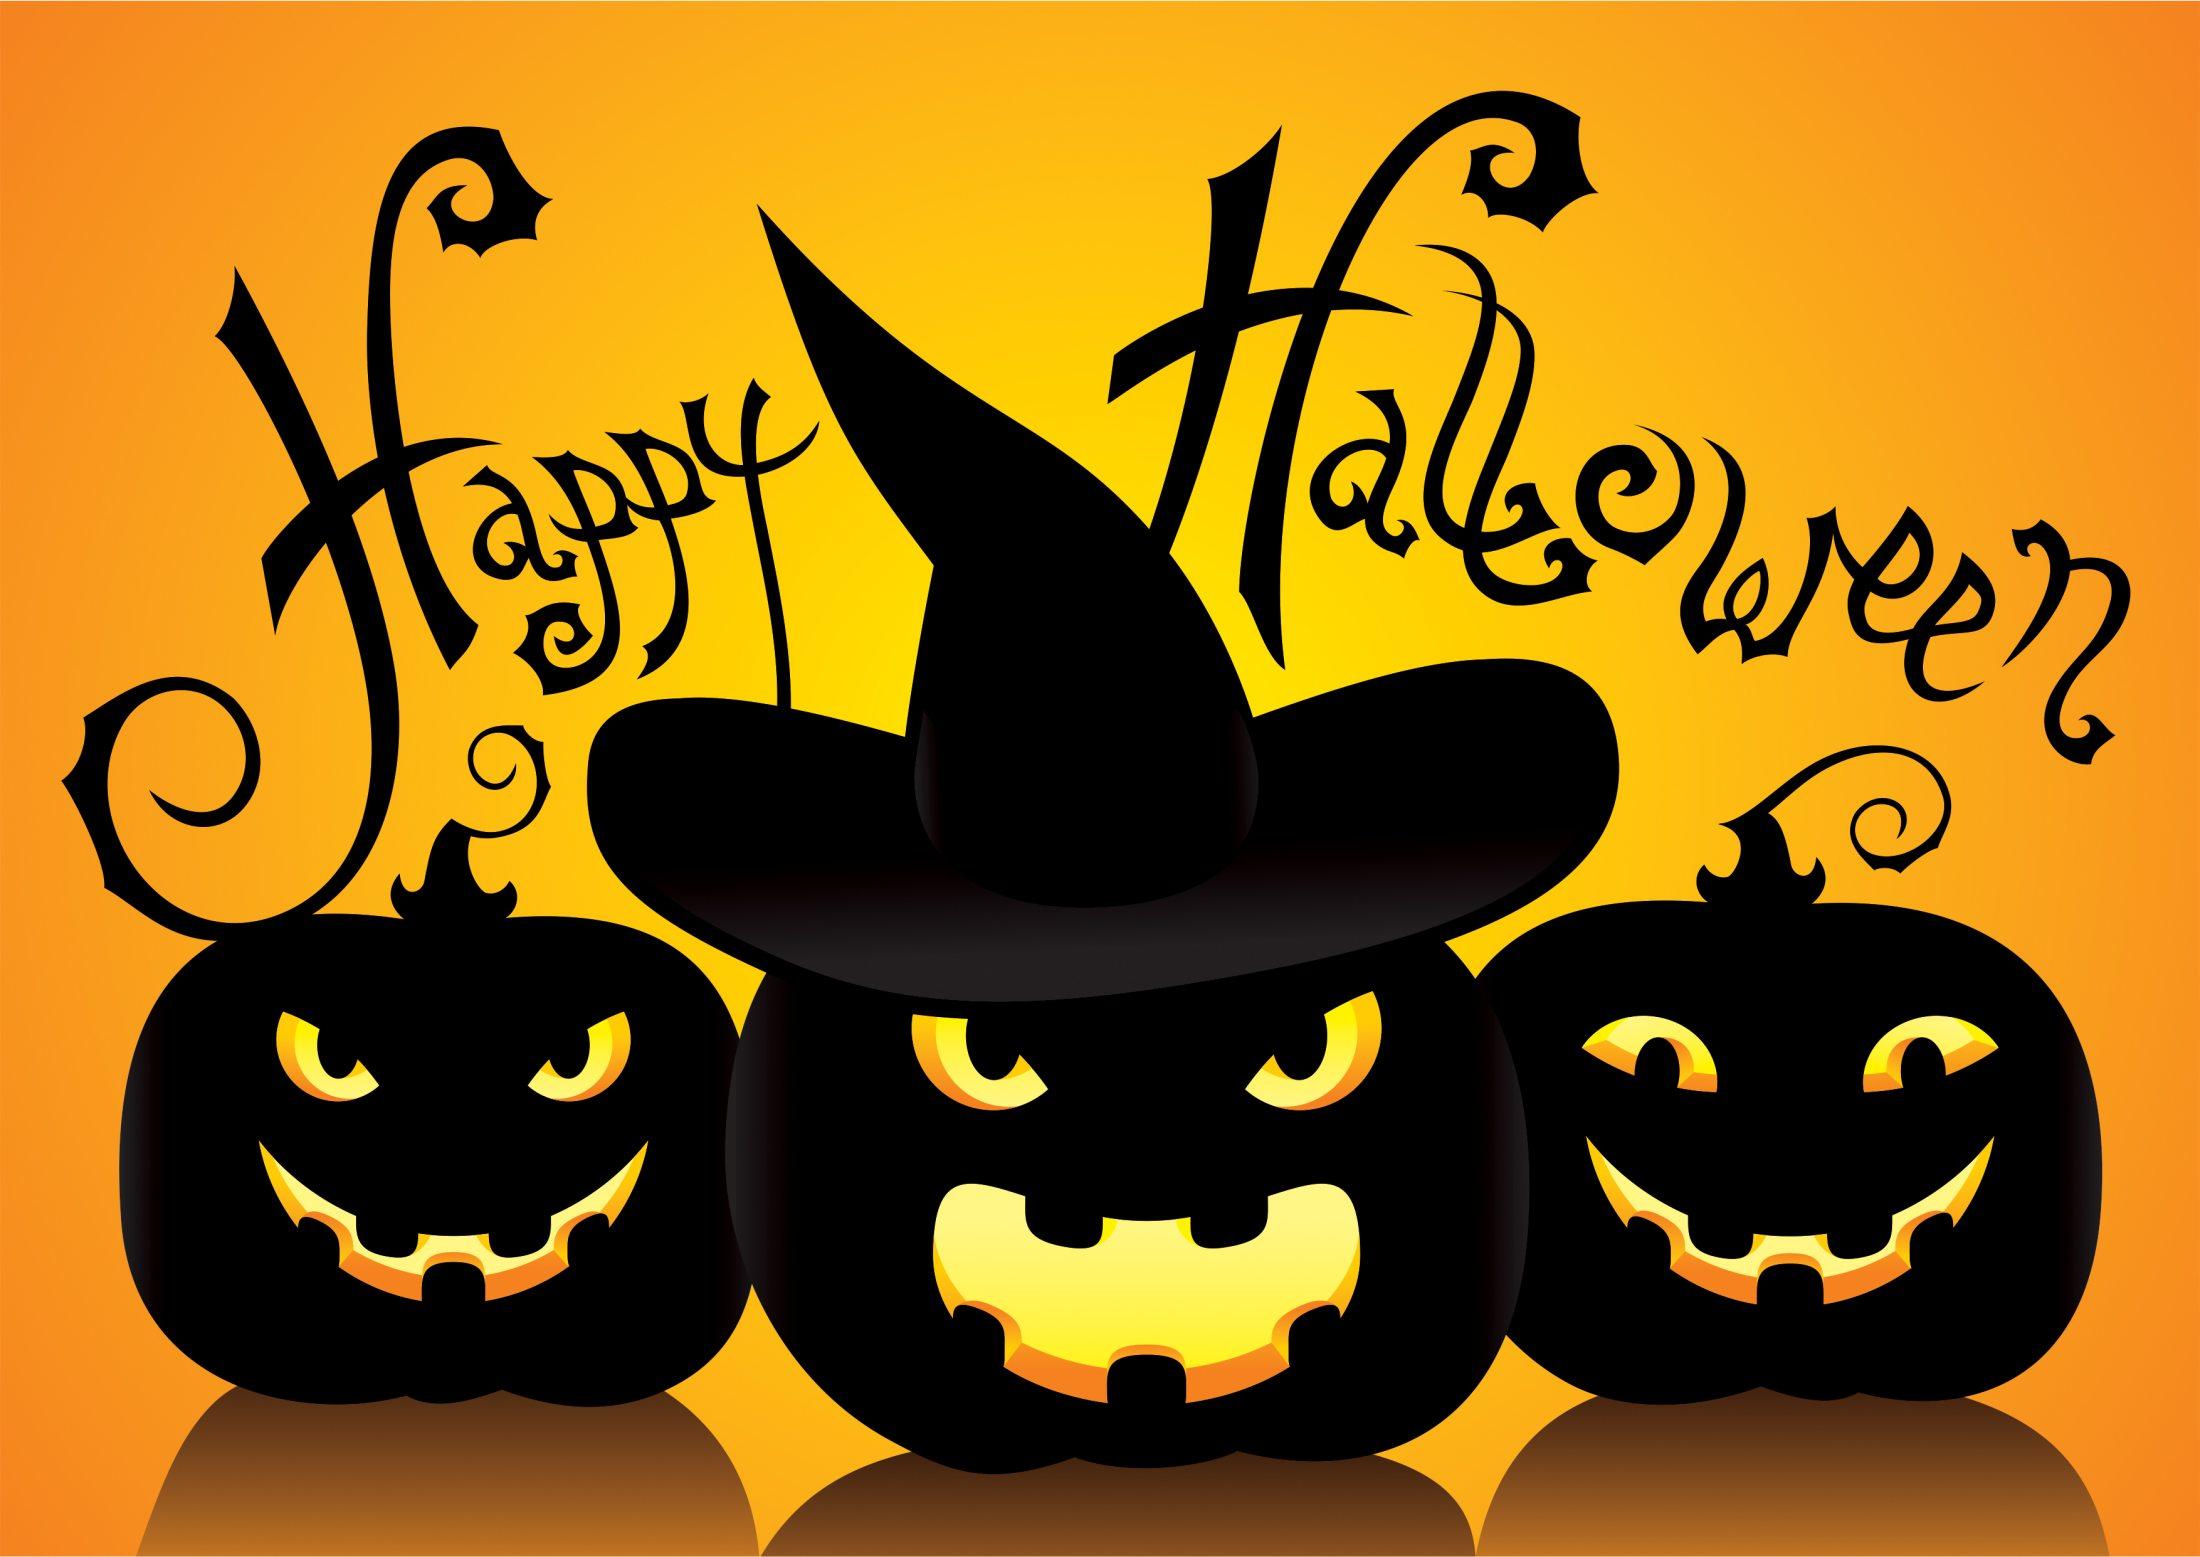 Hallowen-si ta festoj sa me mire?